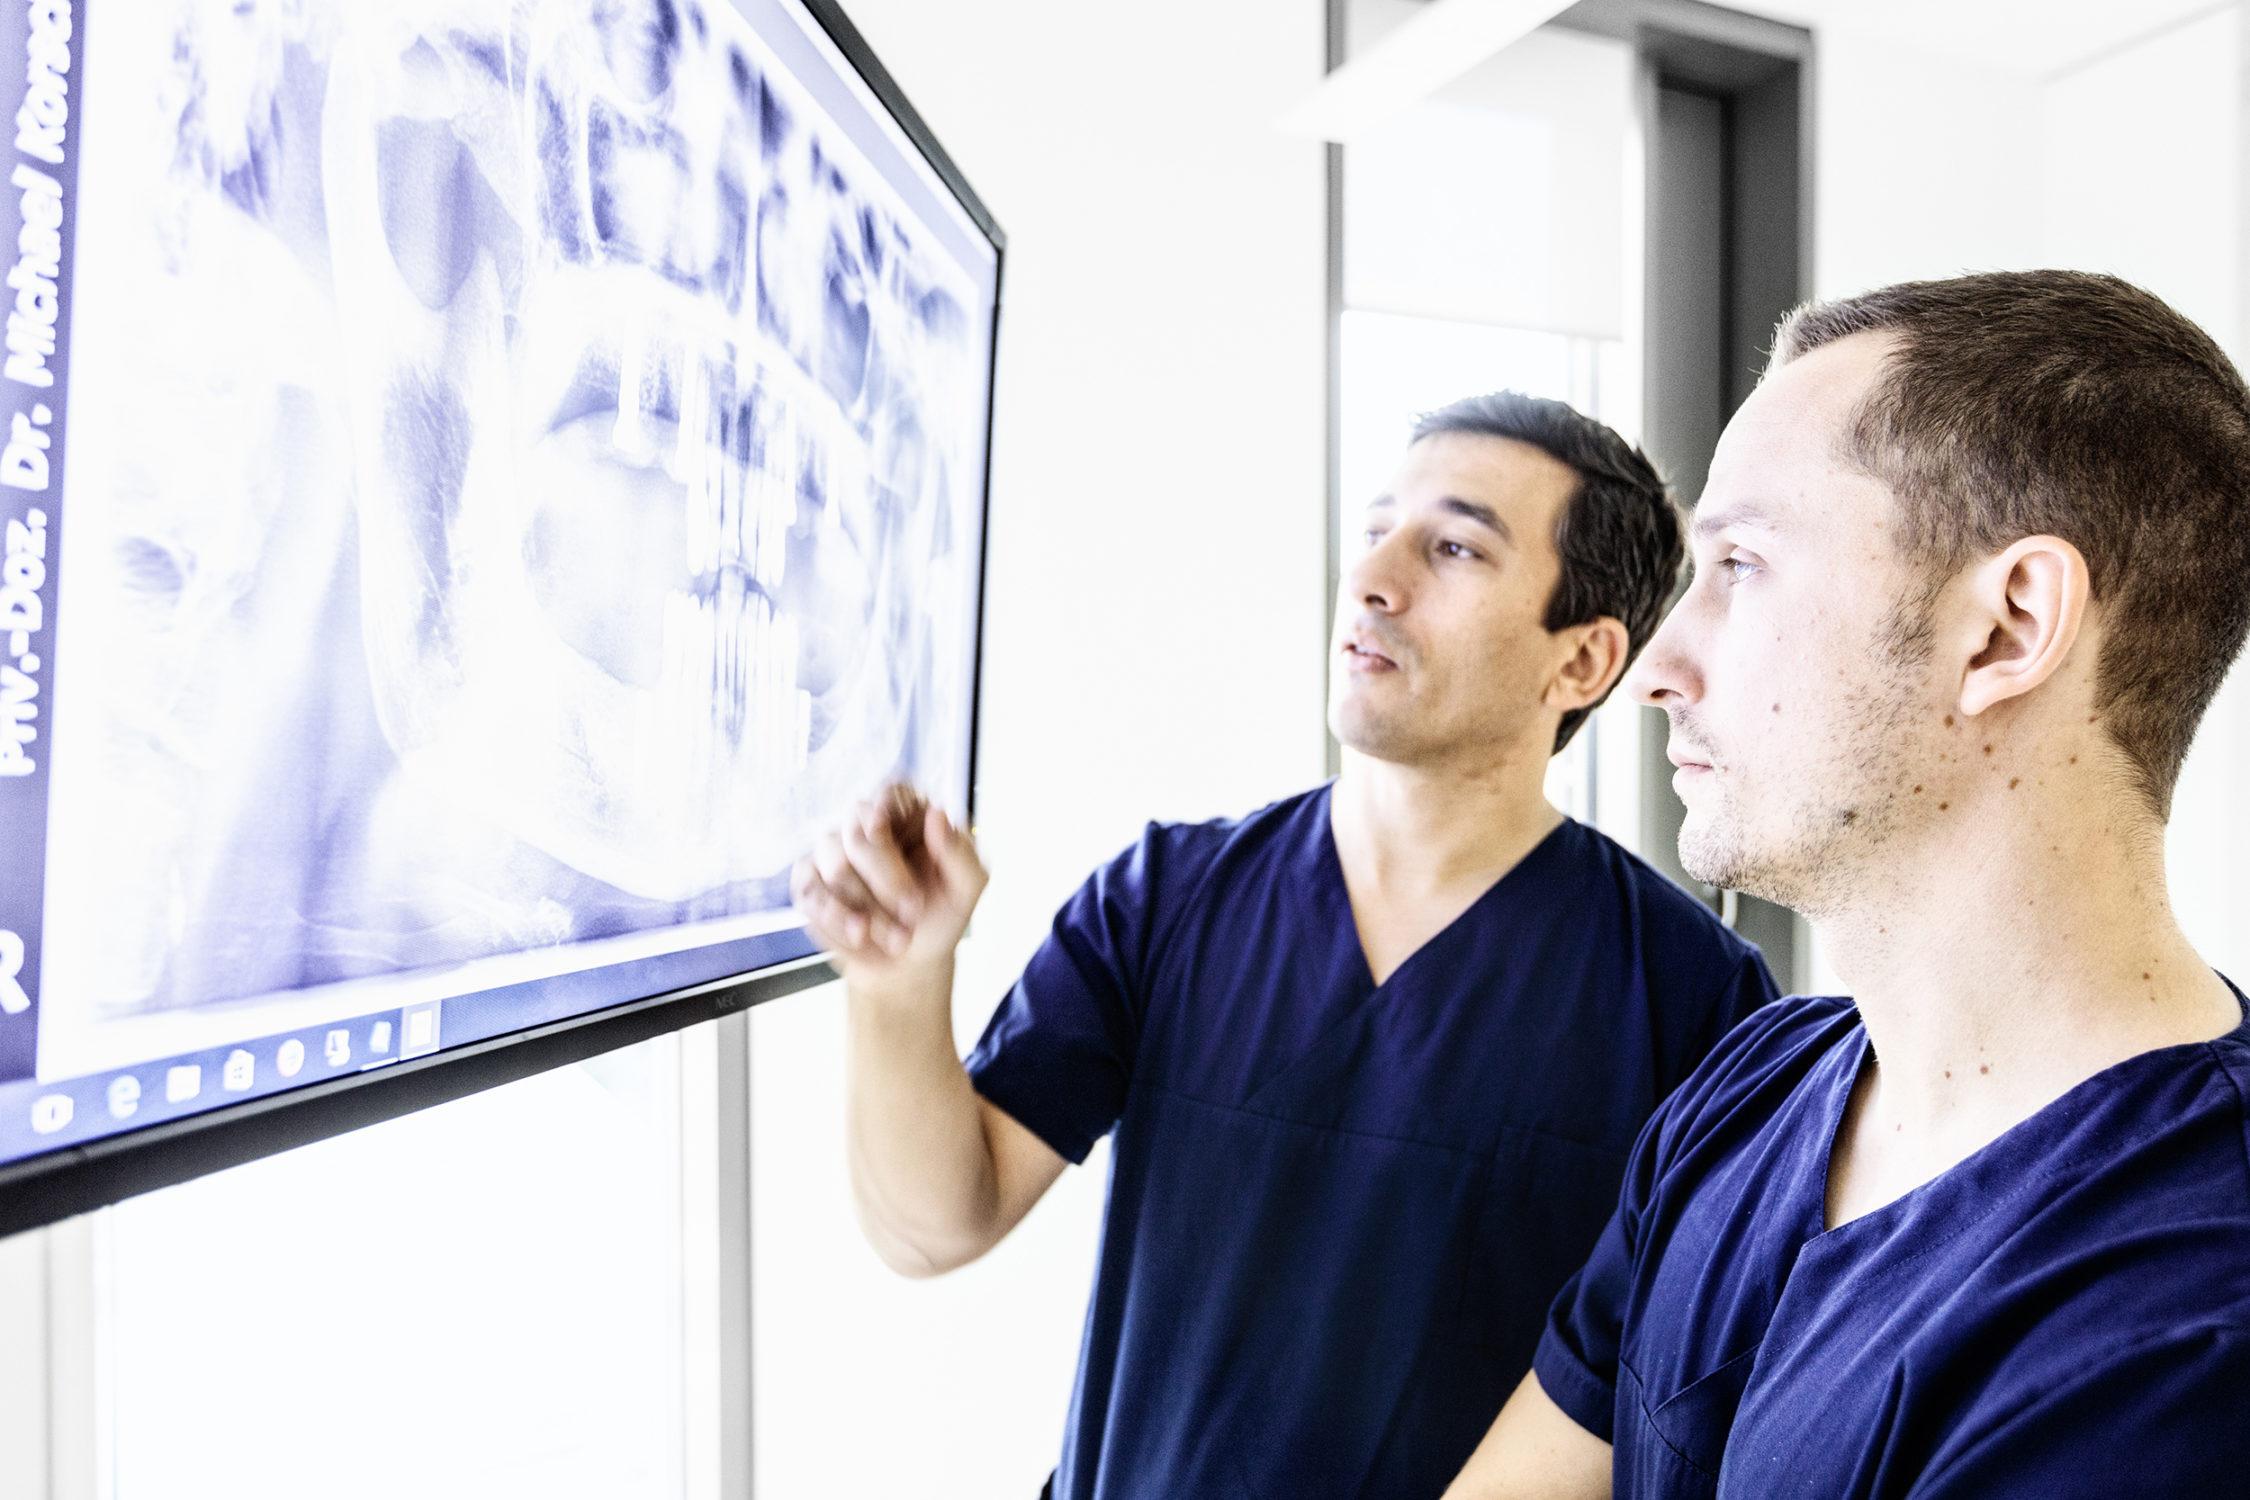 Dr. Korsch Röntgenbildbesprechung